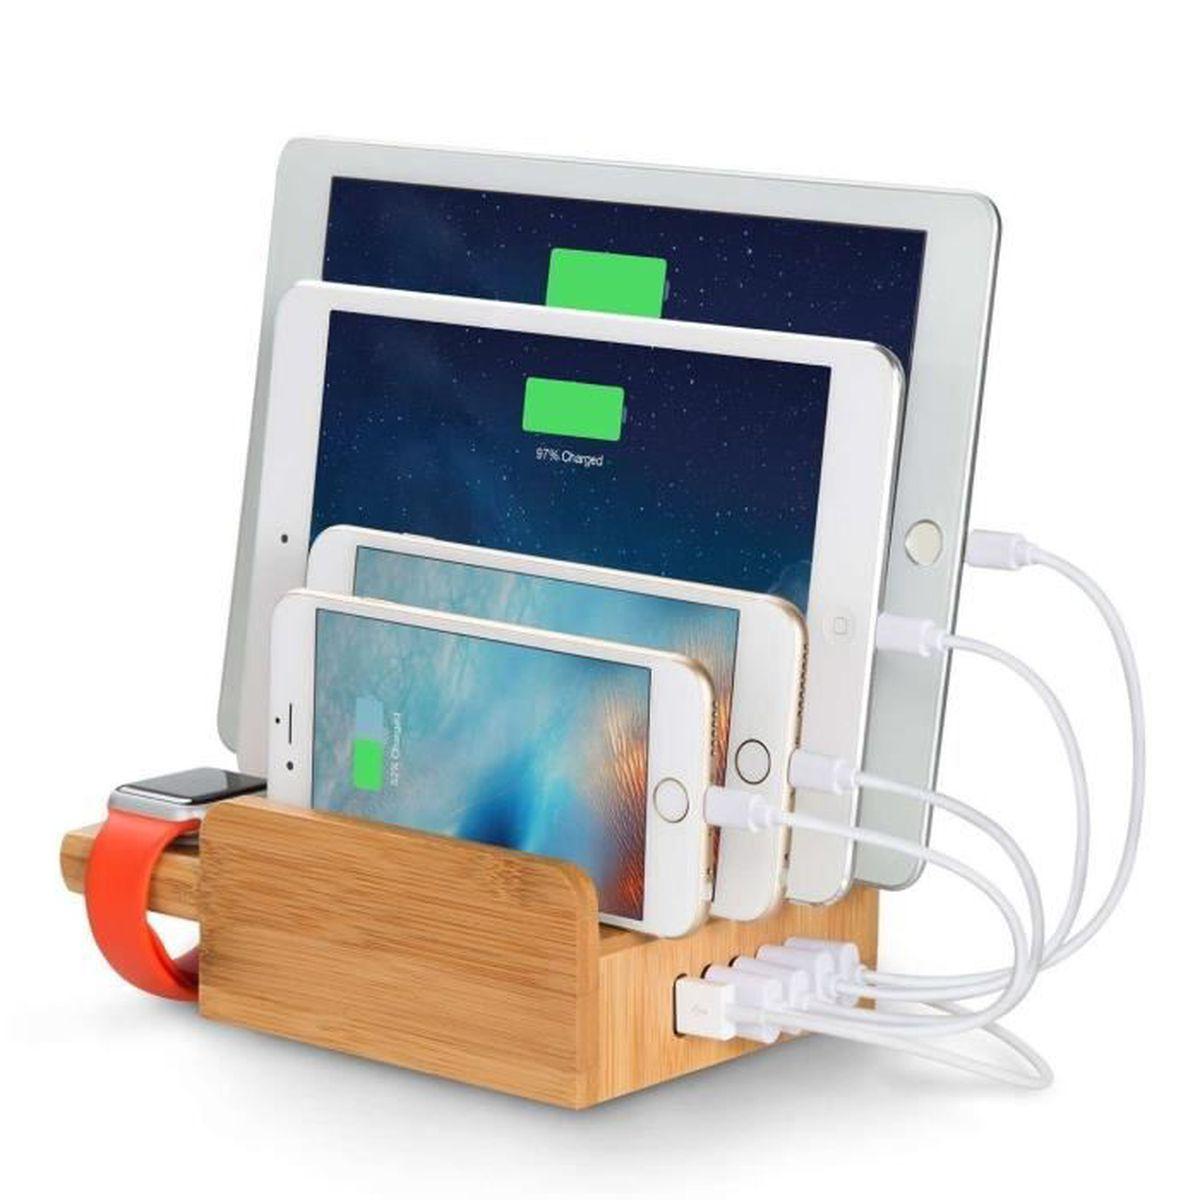 upow station de recharge 5 ports usb en bamboo multi. Black Bedroom Furniture Sets. Home Design Ideas